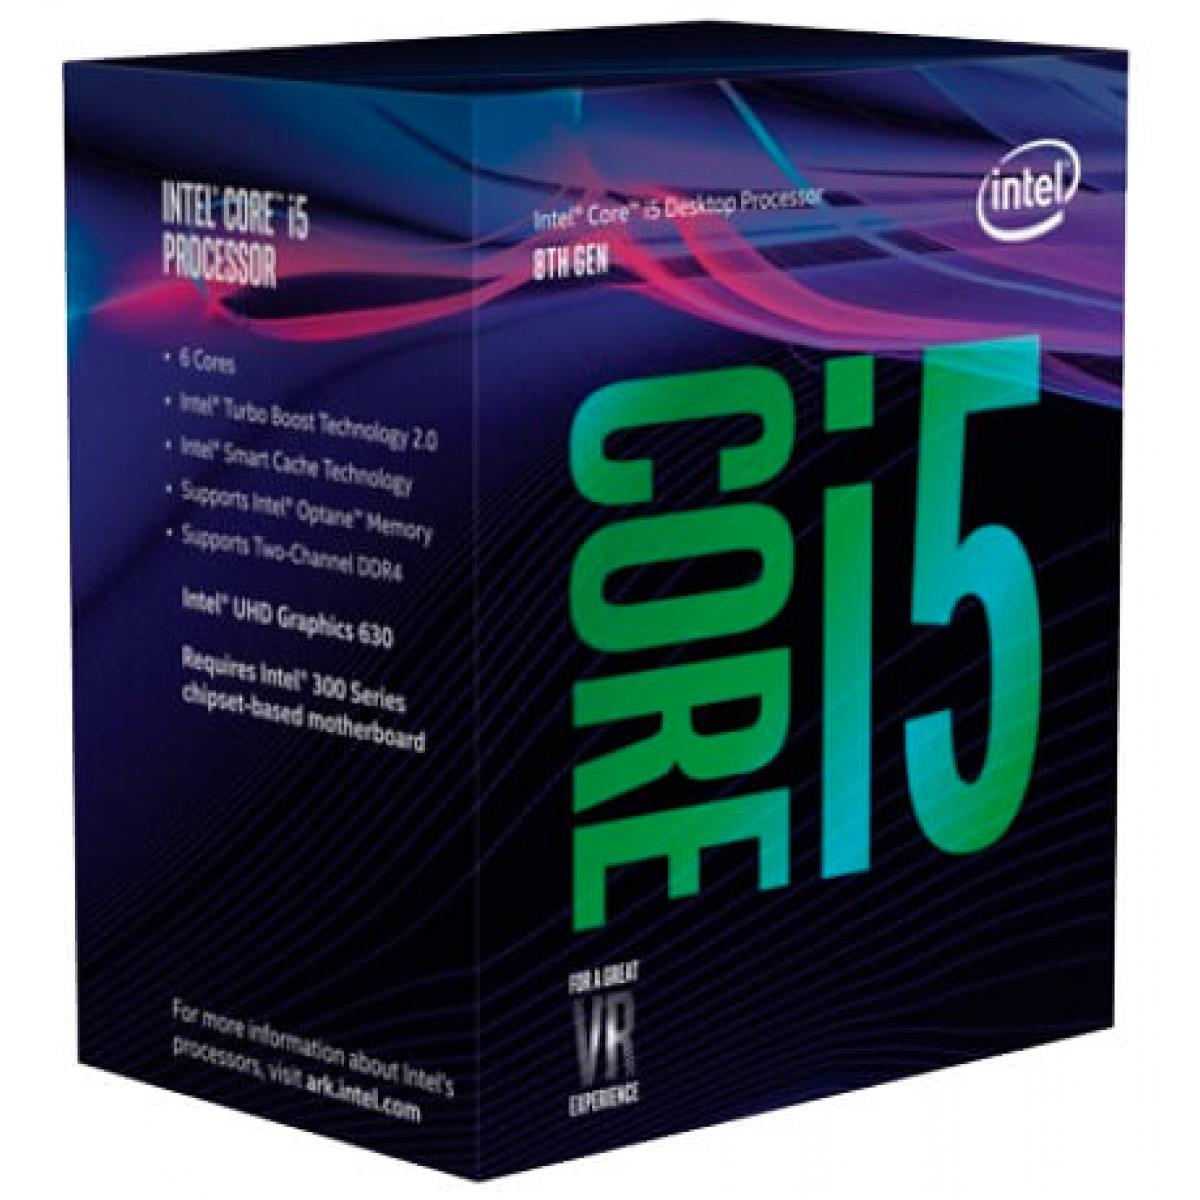 Processador Intel Core i5 8400 2.8GHz (4.0GHz Turbo), 8ª Geração, 6-Core 6-Thread, LGA 1151, BX80684I58400